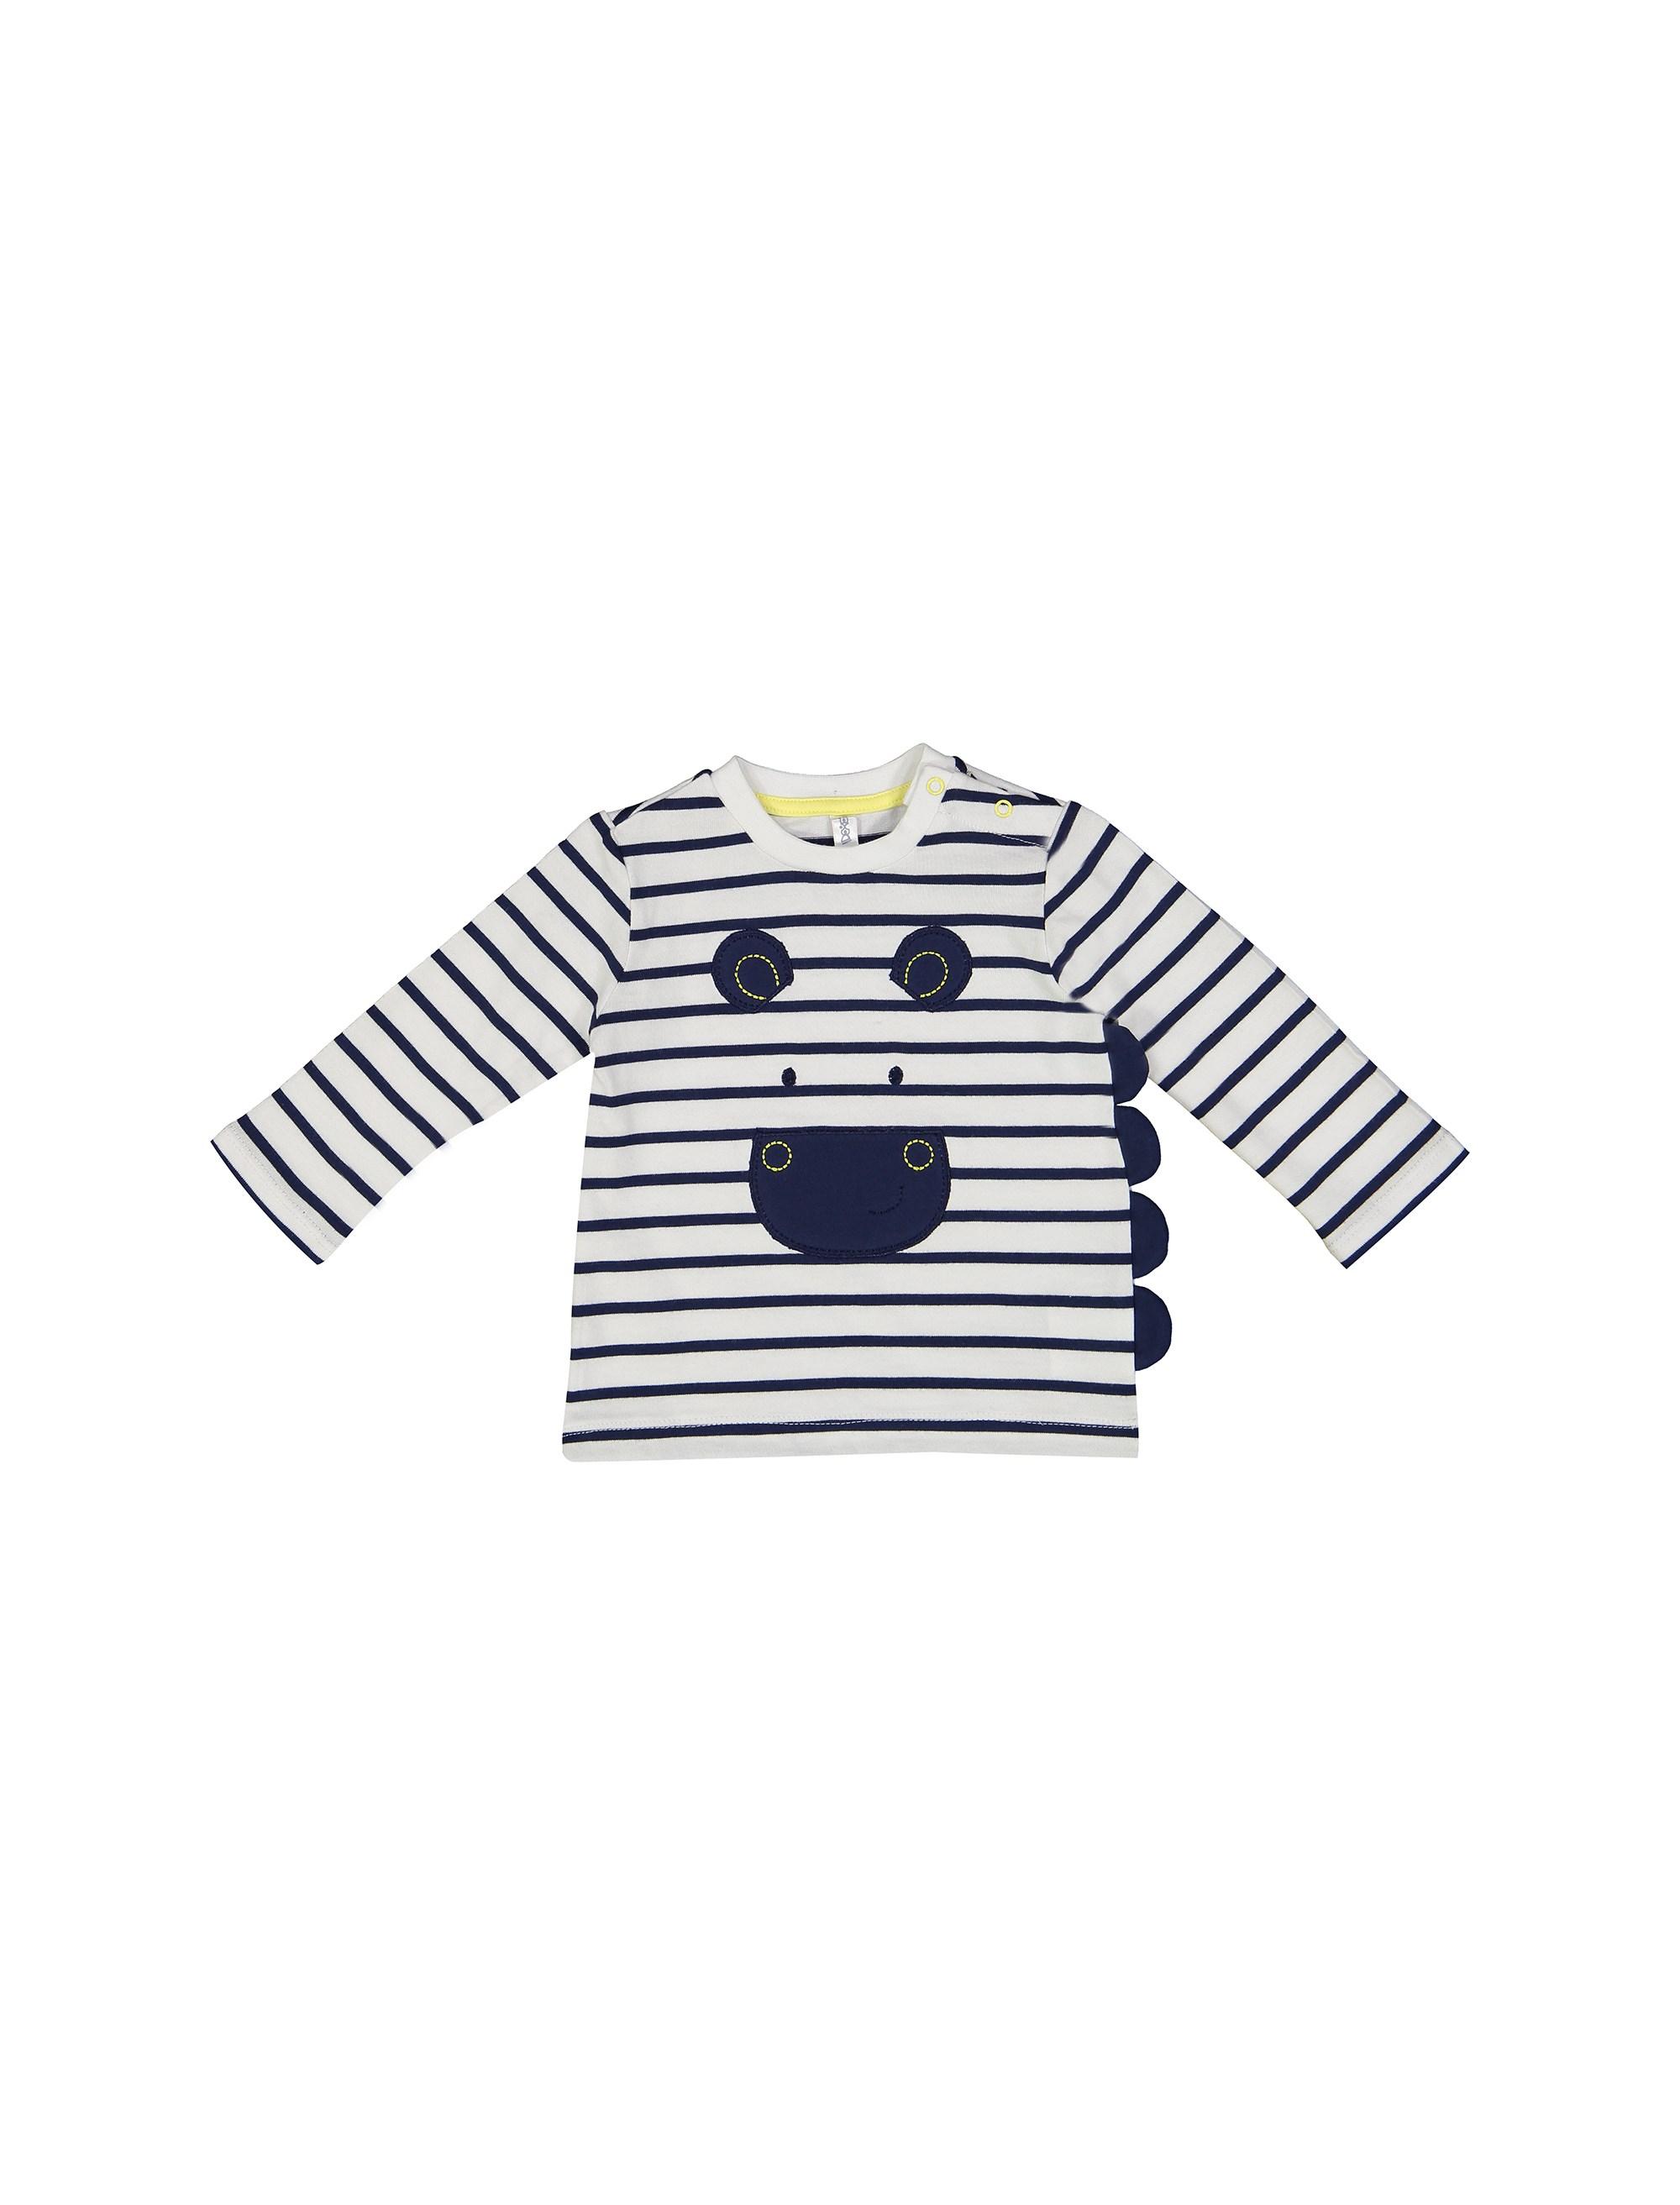 تی شرت نخی نوزادی پسرانه - سفيد و سرمهاي - 1